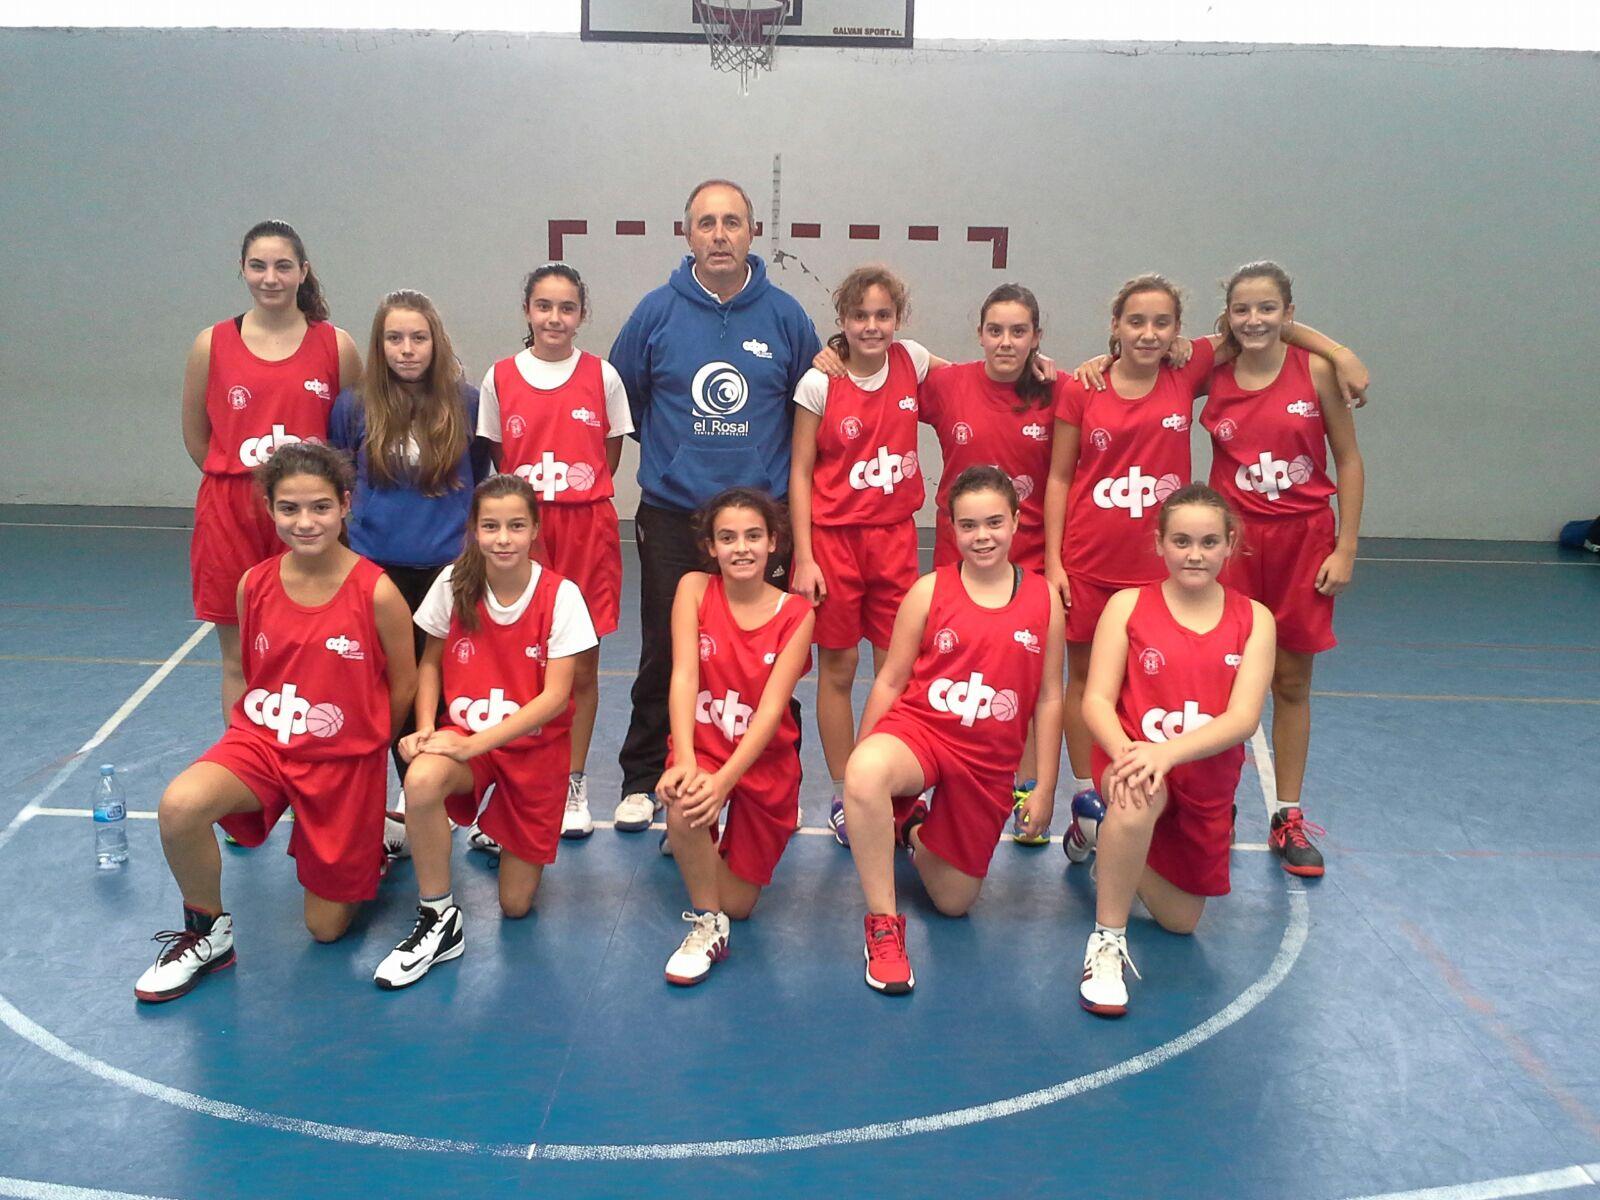 24-10-15 CB AGUSTINOS ERAS E.LECLERC - PELUQUERIAS SAGRA CB CIUDAD DE PONFERRADA (AMISTOSO)  (2)